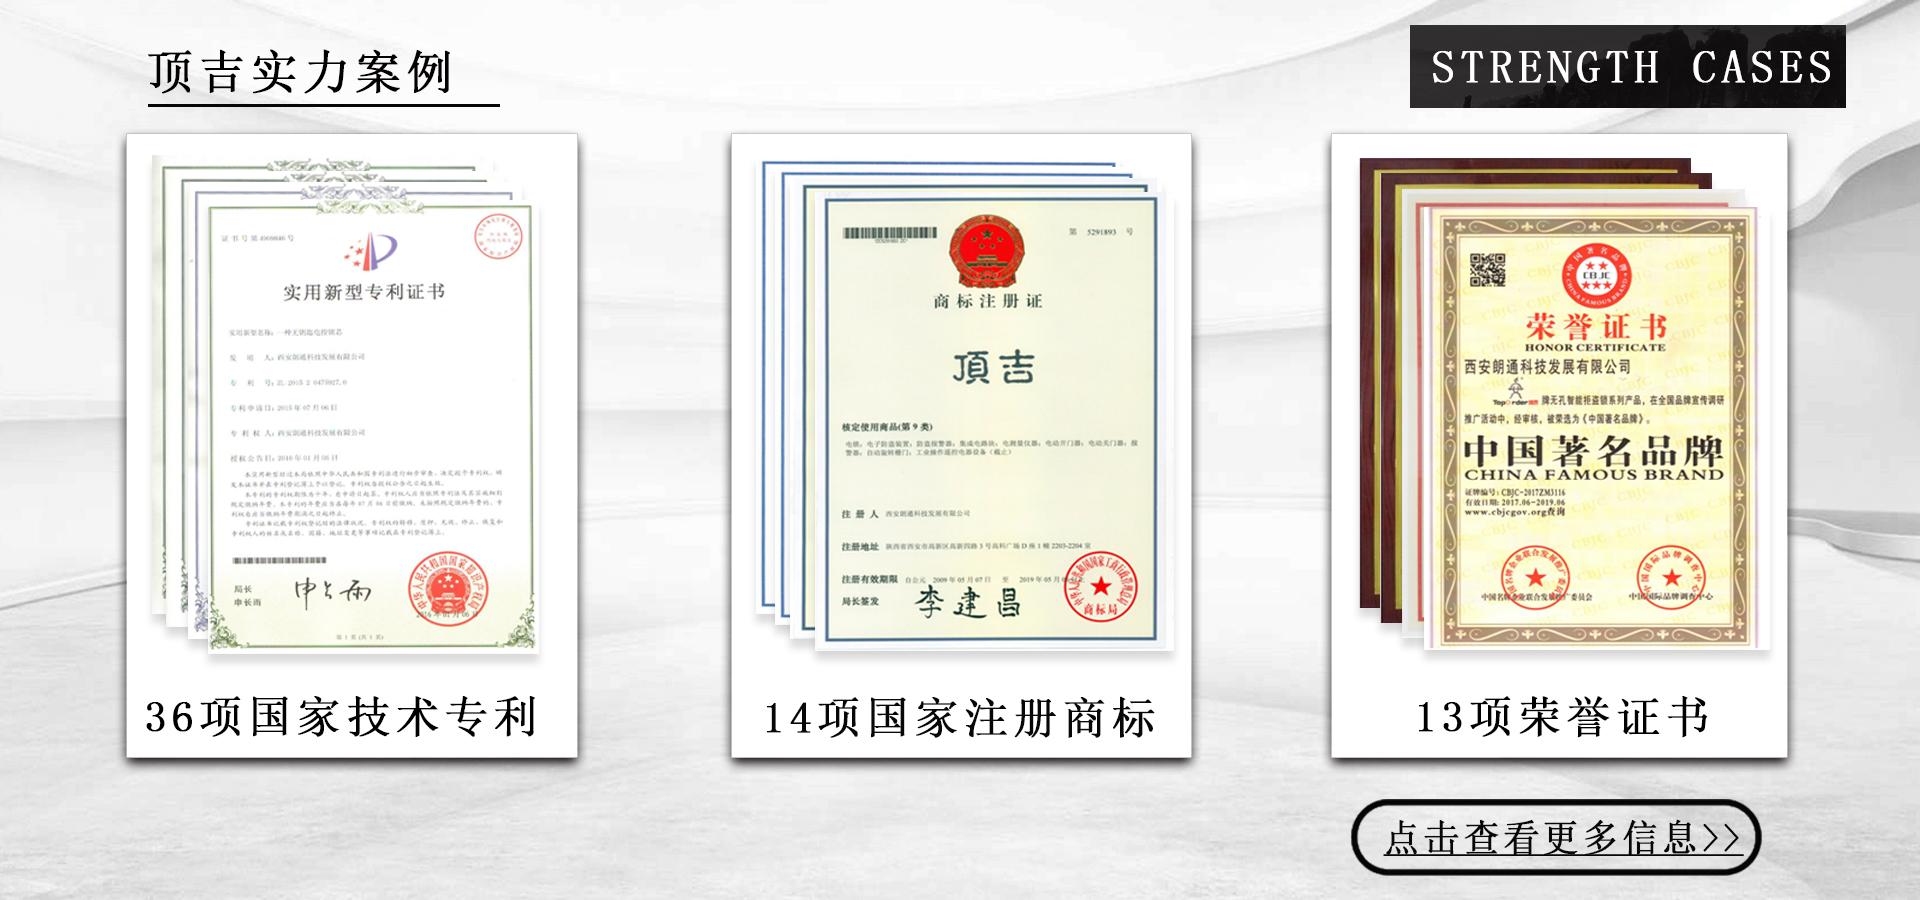 頂吉智能指紋鎖廠家專利證書